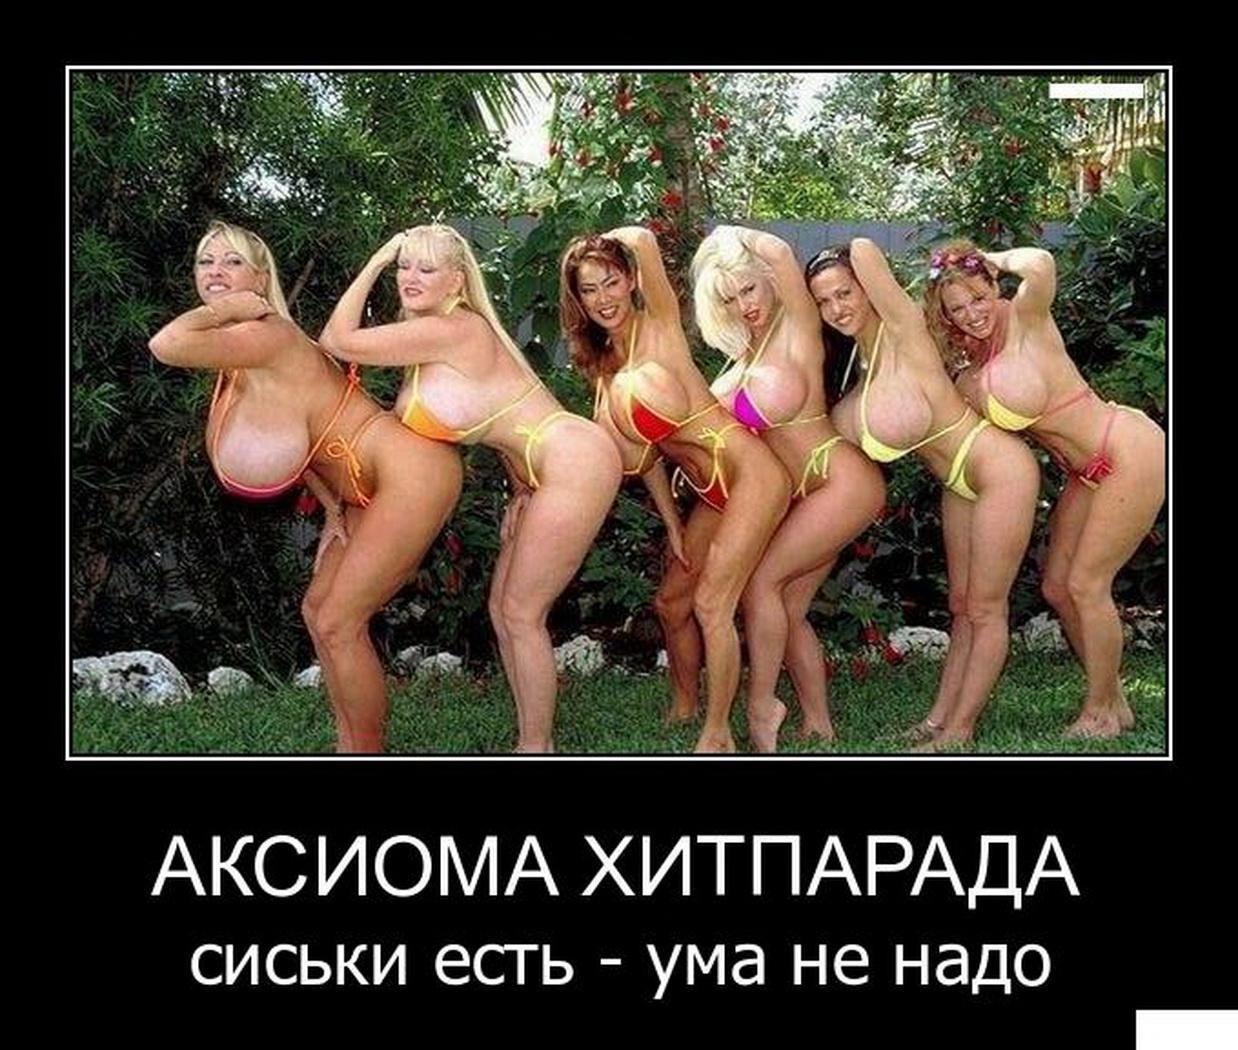 Смешные фото с сиськами 19 фотография